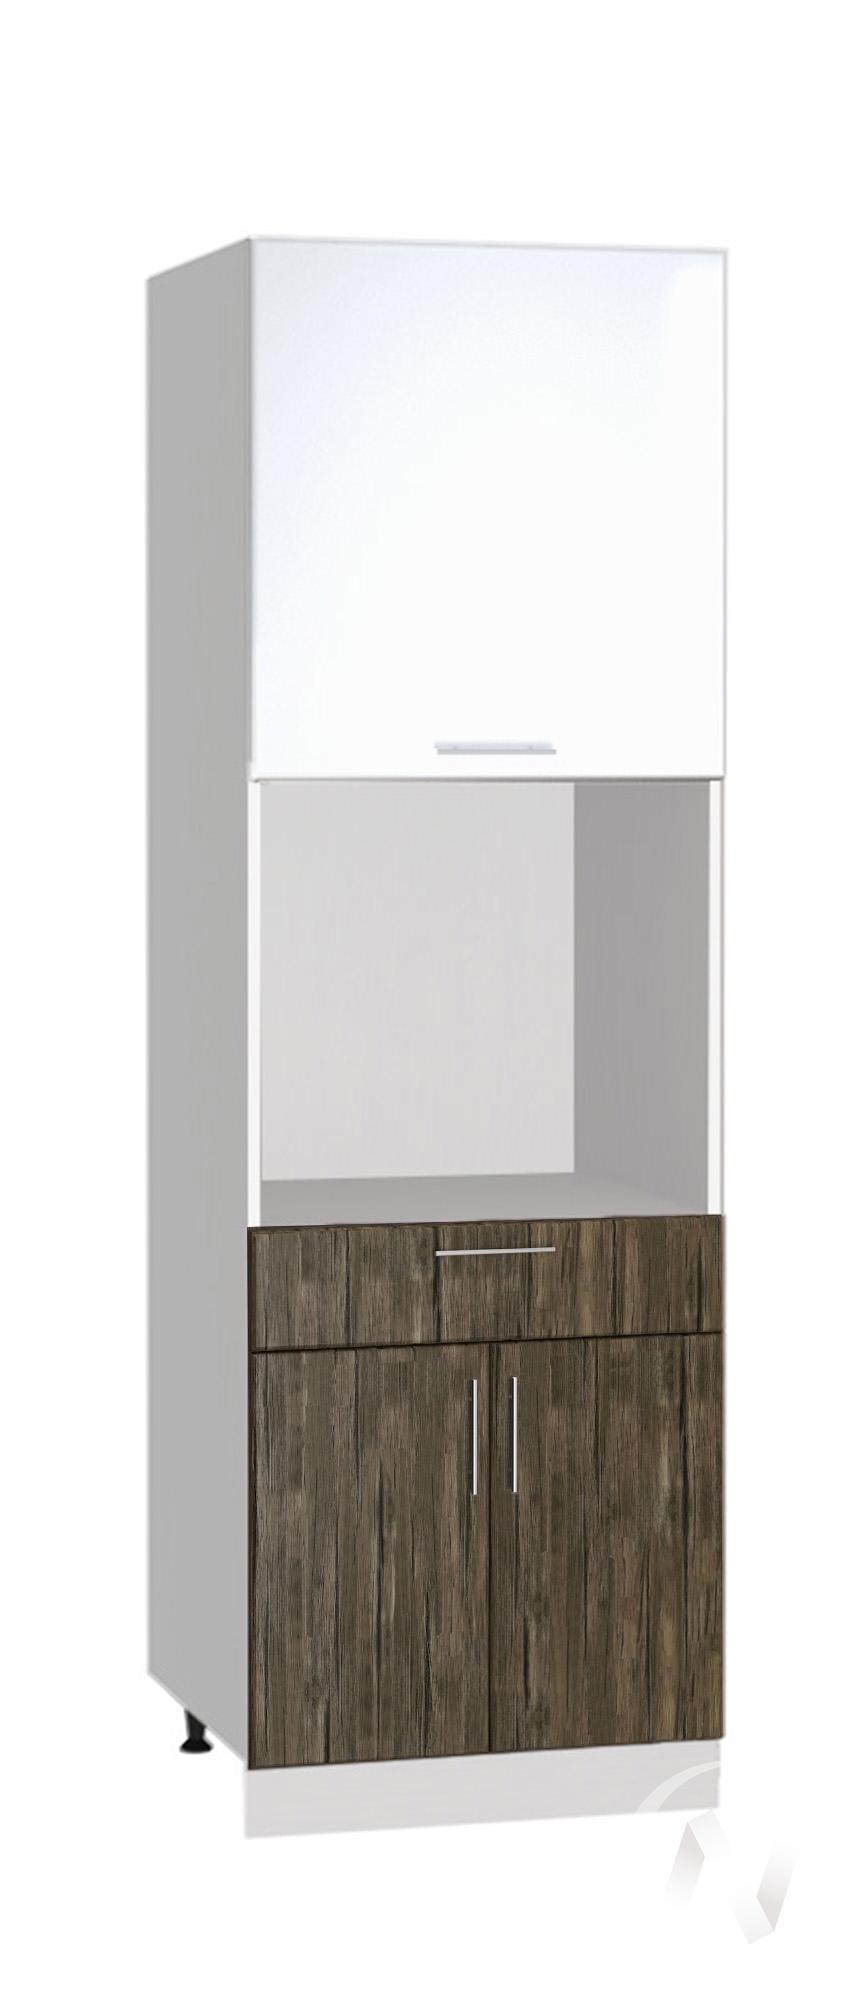 """Кухня """"Норден"""": Шкаф пенал с ящиком 600, ШП1Я 600 (старое дерево/белый глянец/корпус белый)"""